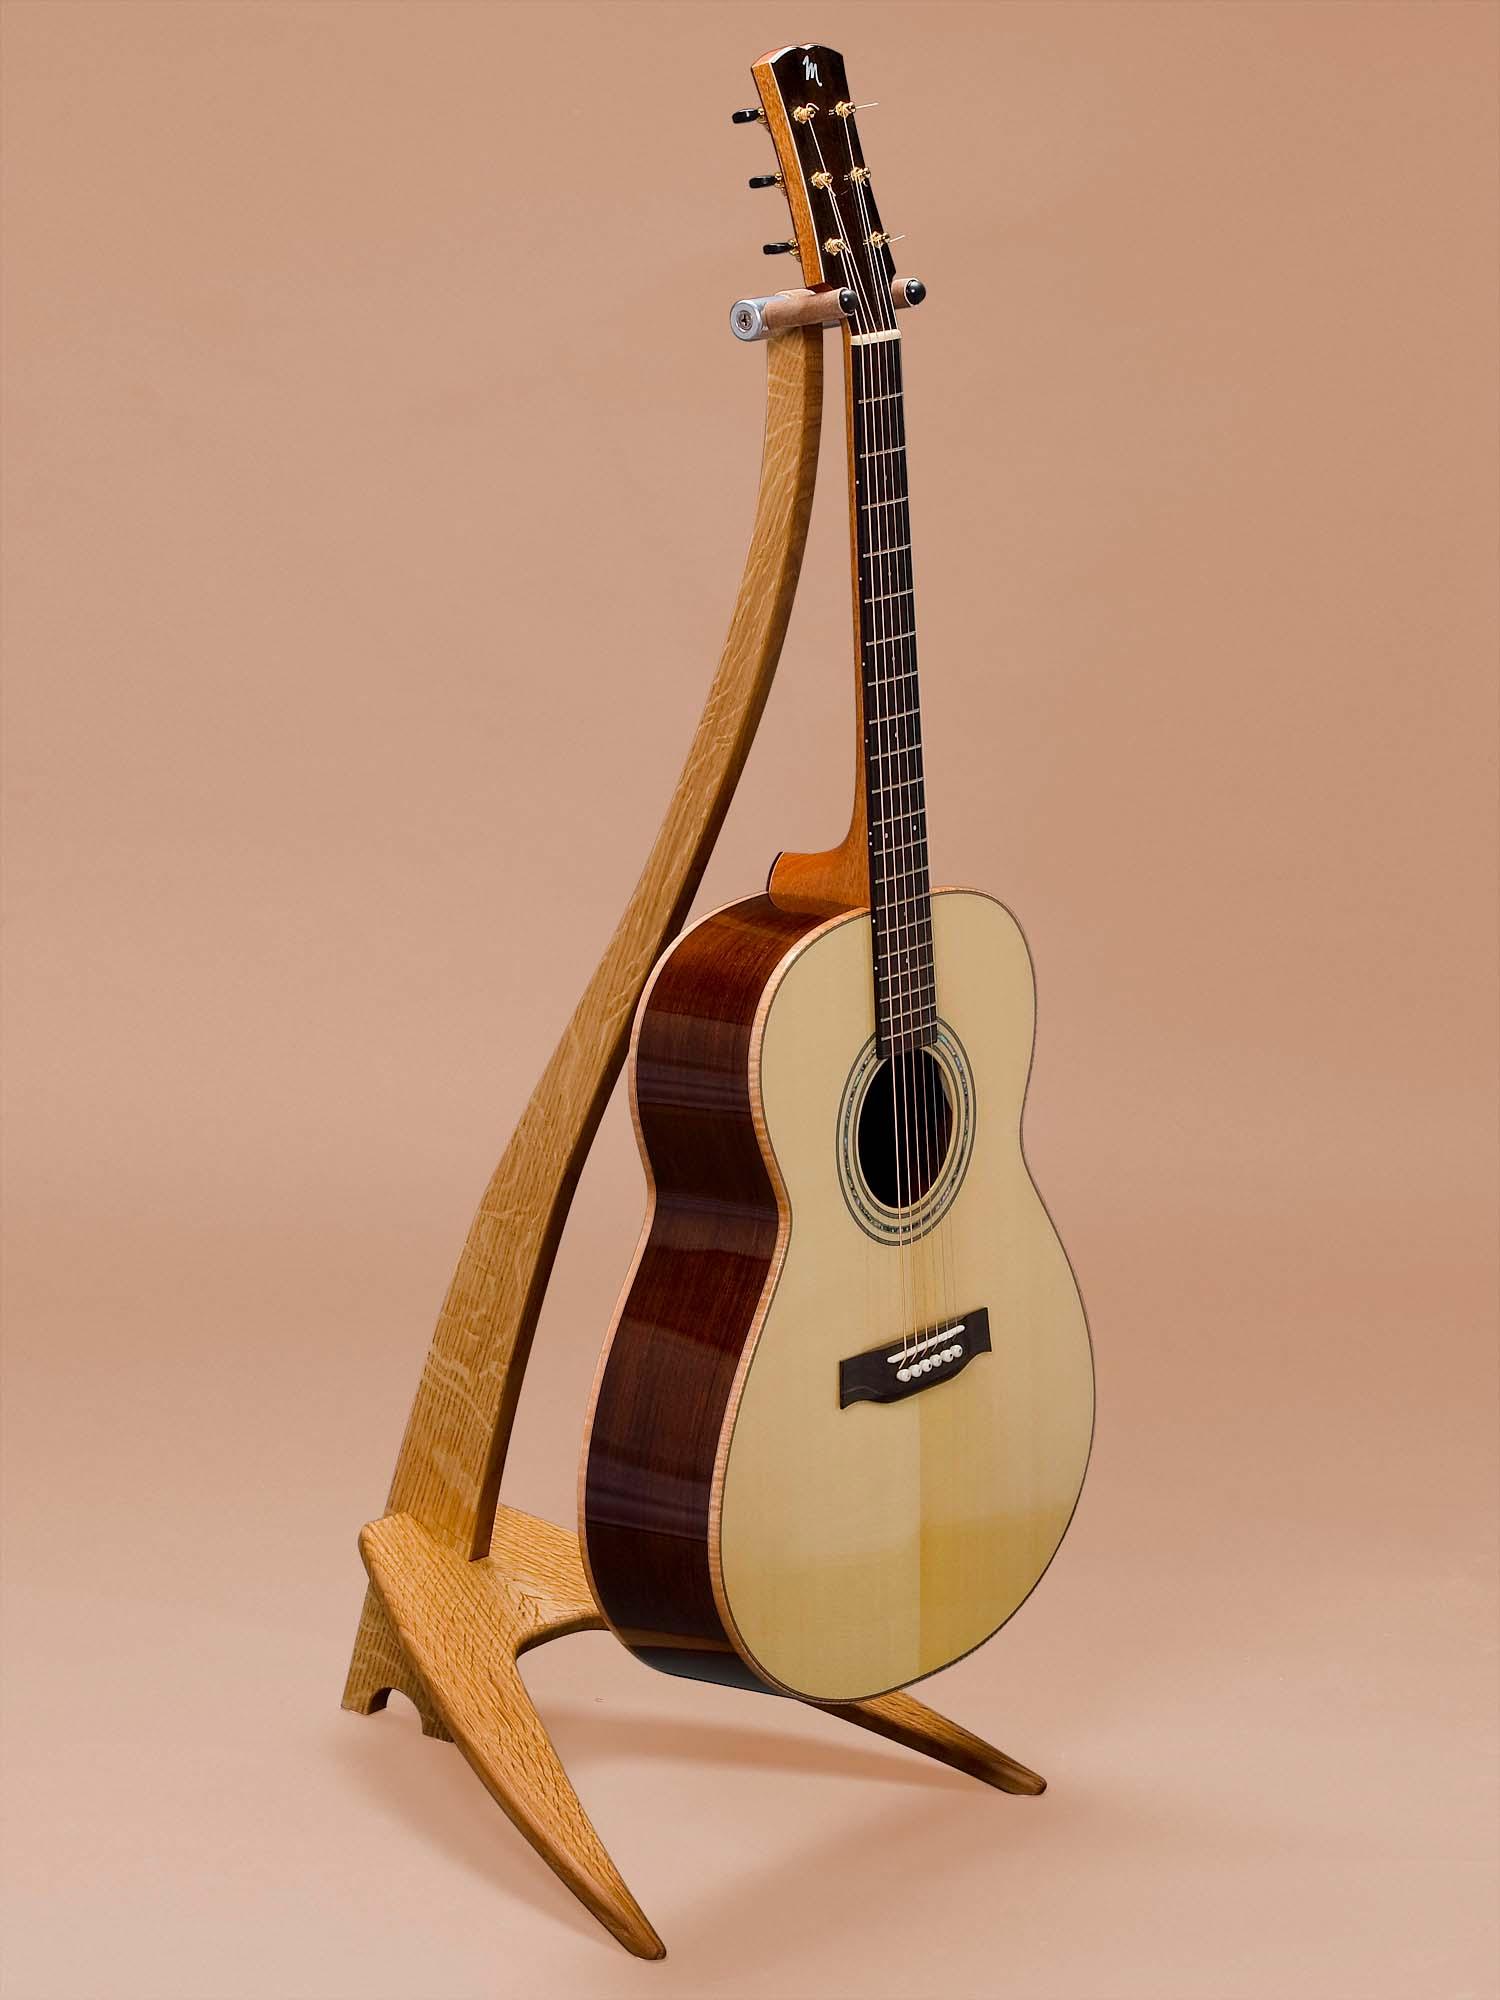 Wm Design Guitar Stand